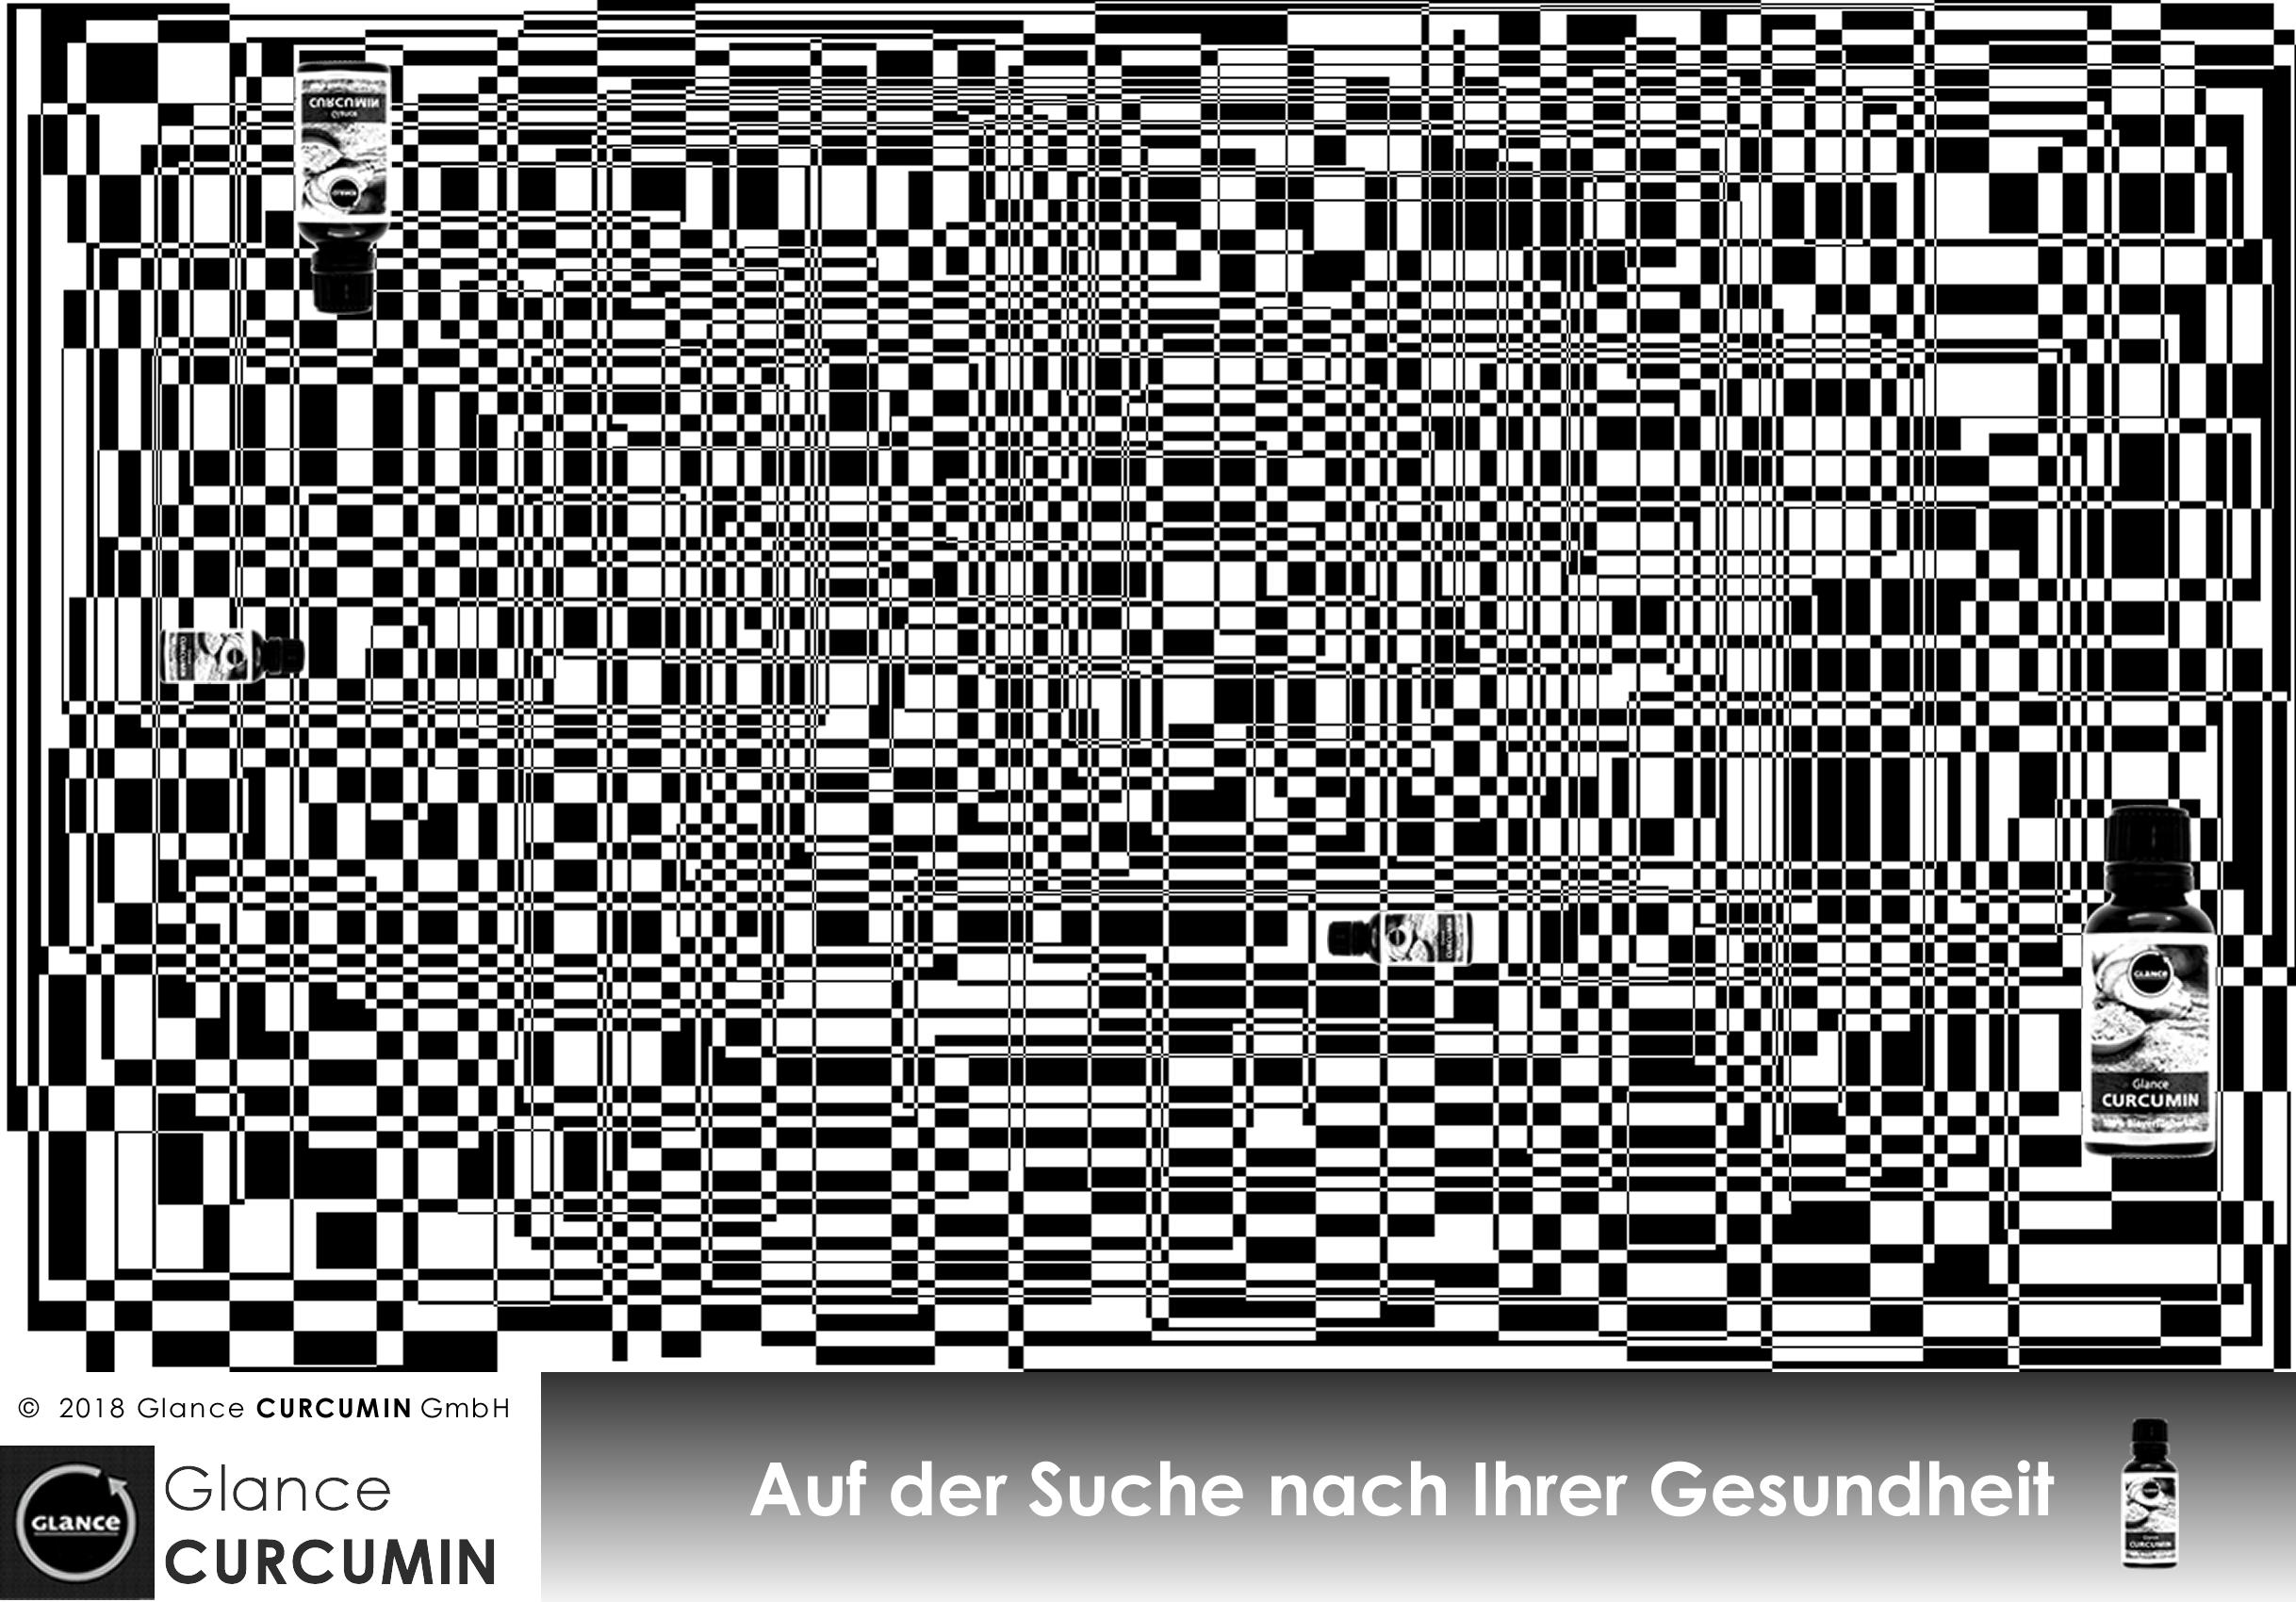 suchbild glance curcumin